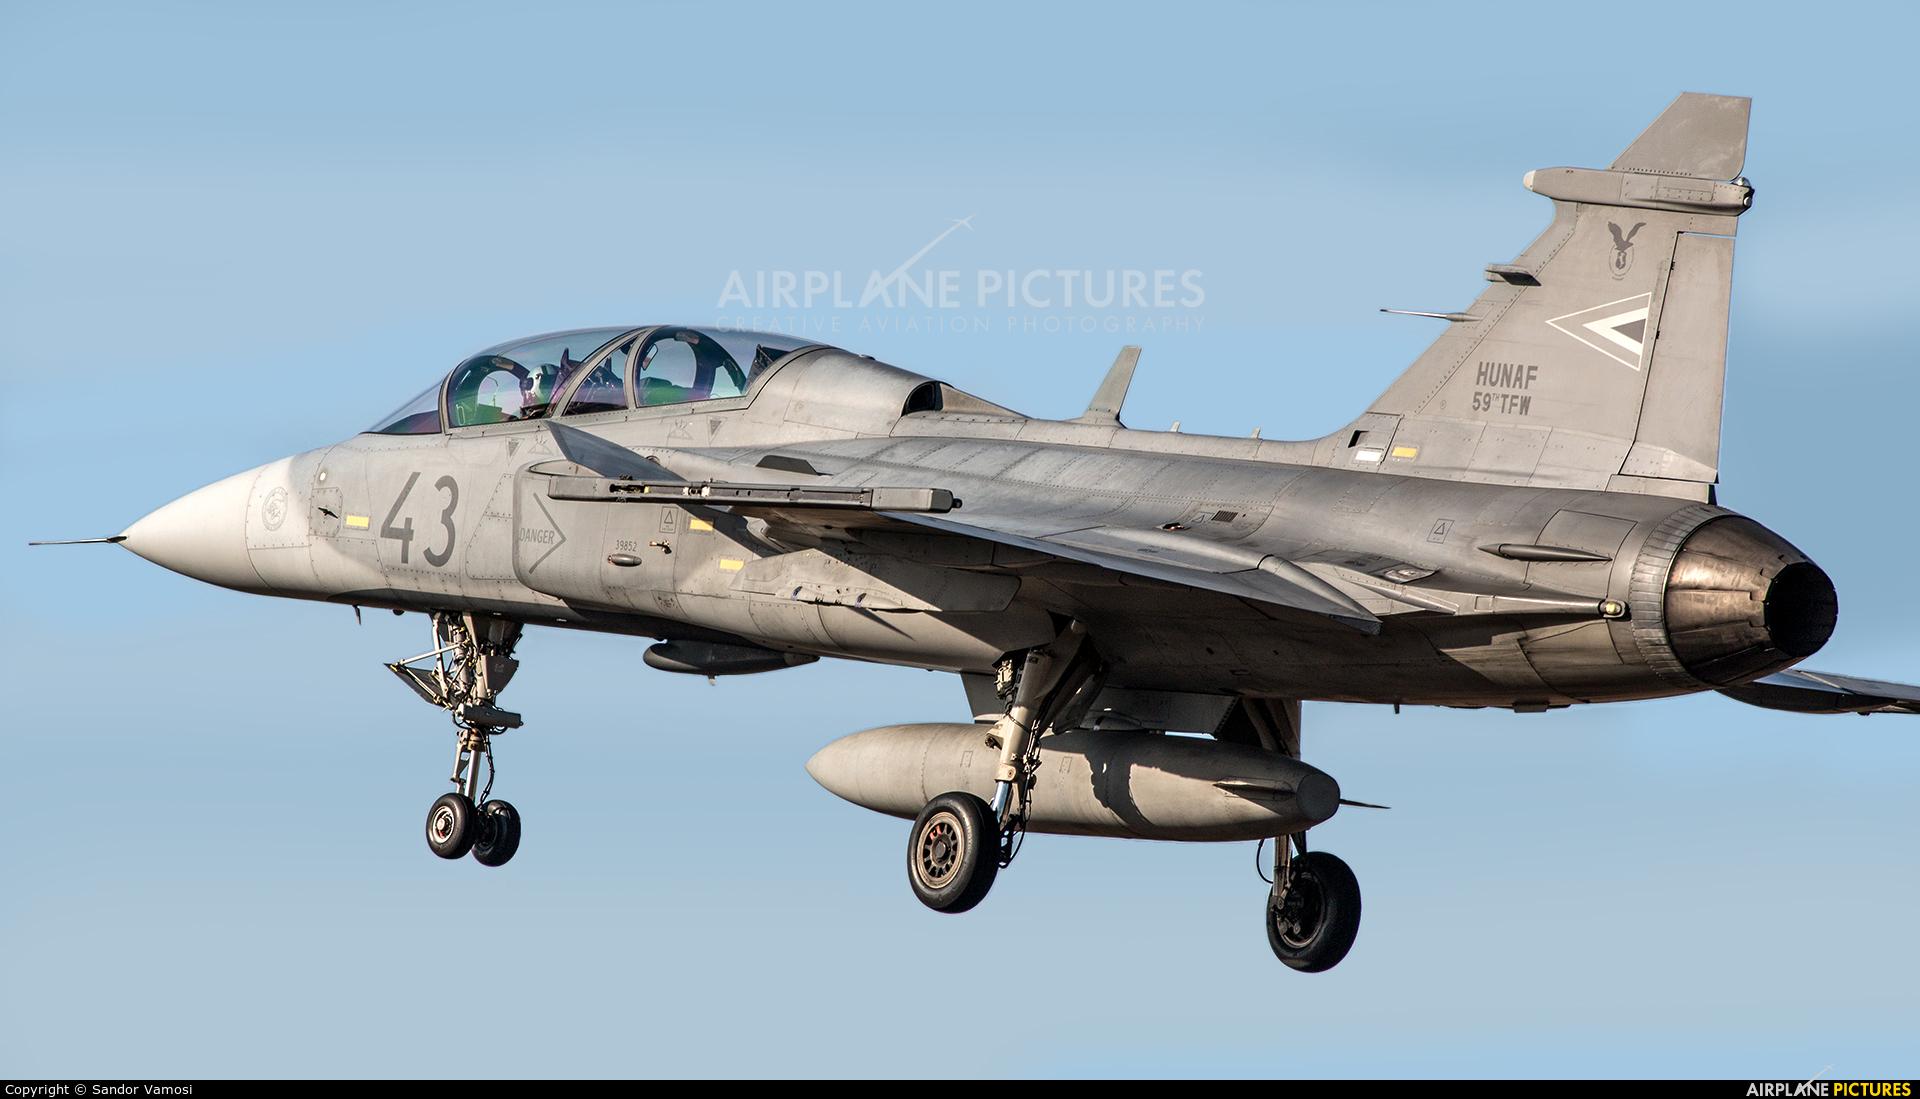 Hungary - Air Force 43 aircraft at Kecskemét